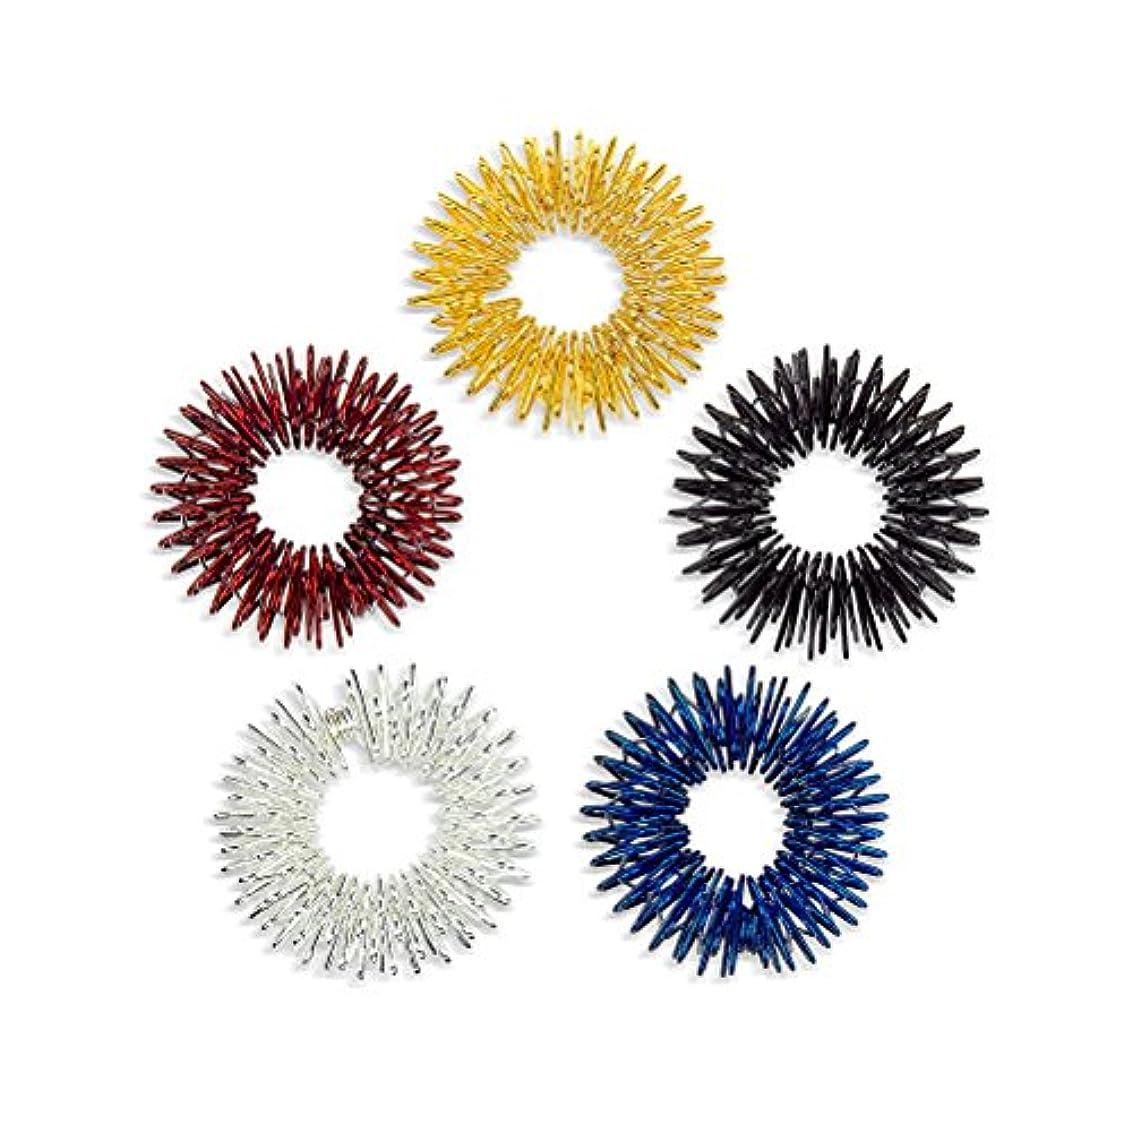 レイプ反応するダーベビルのテスHealifty 5本指圧マッサージリング子供のための指の循環リング十代の若者たちの大人(盛り合わせ色)